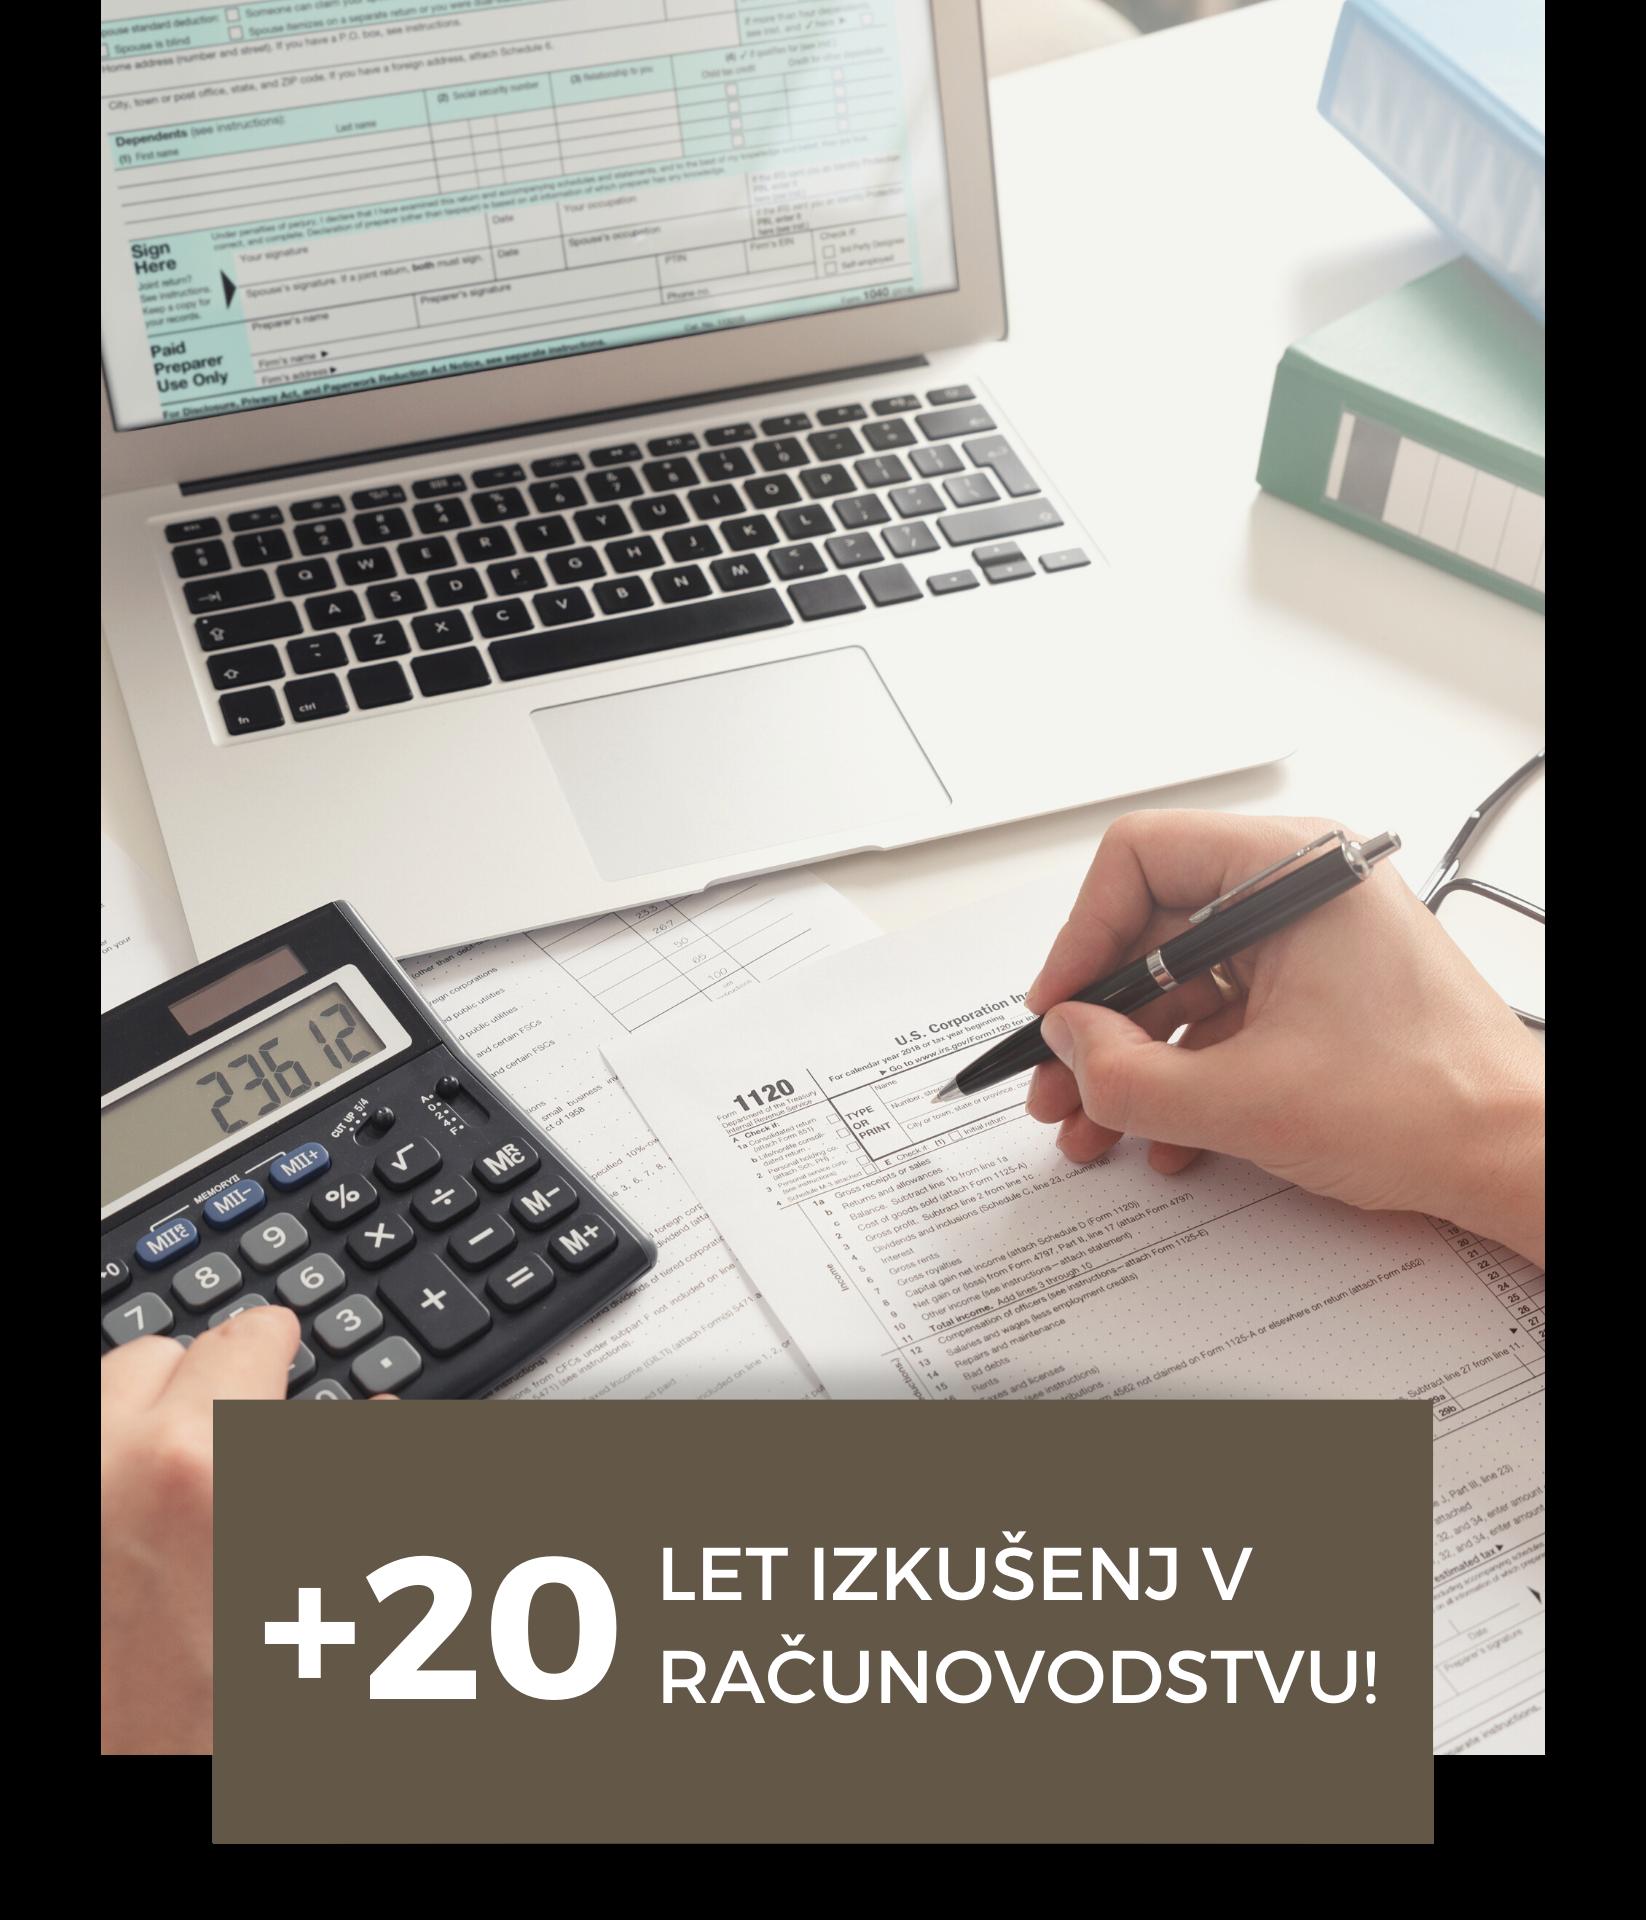 20 let izkušenj v računovodstvu